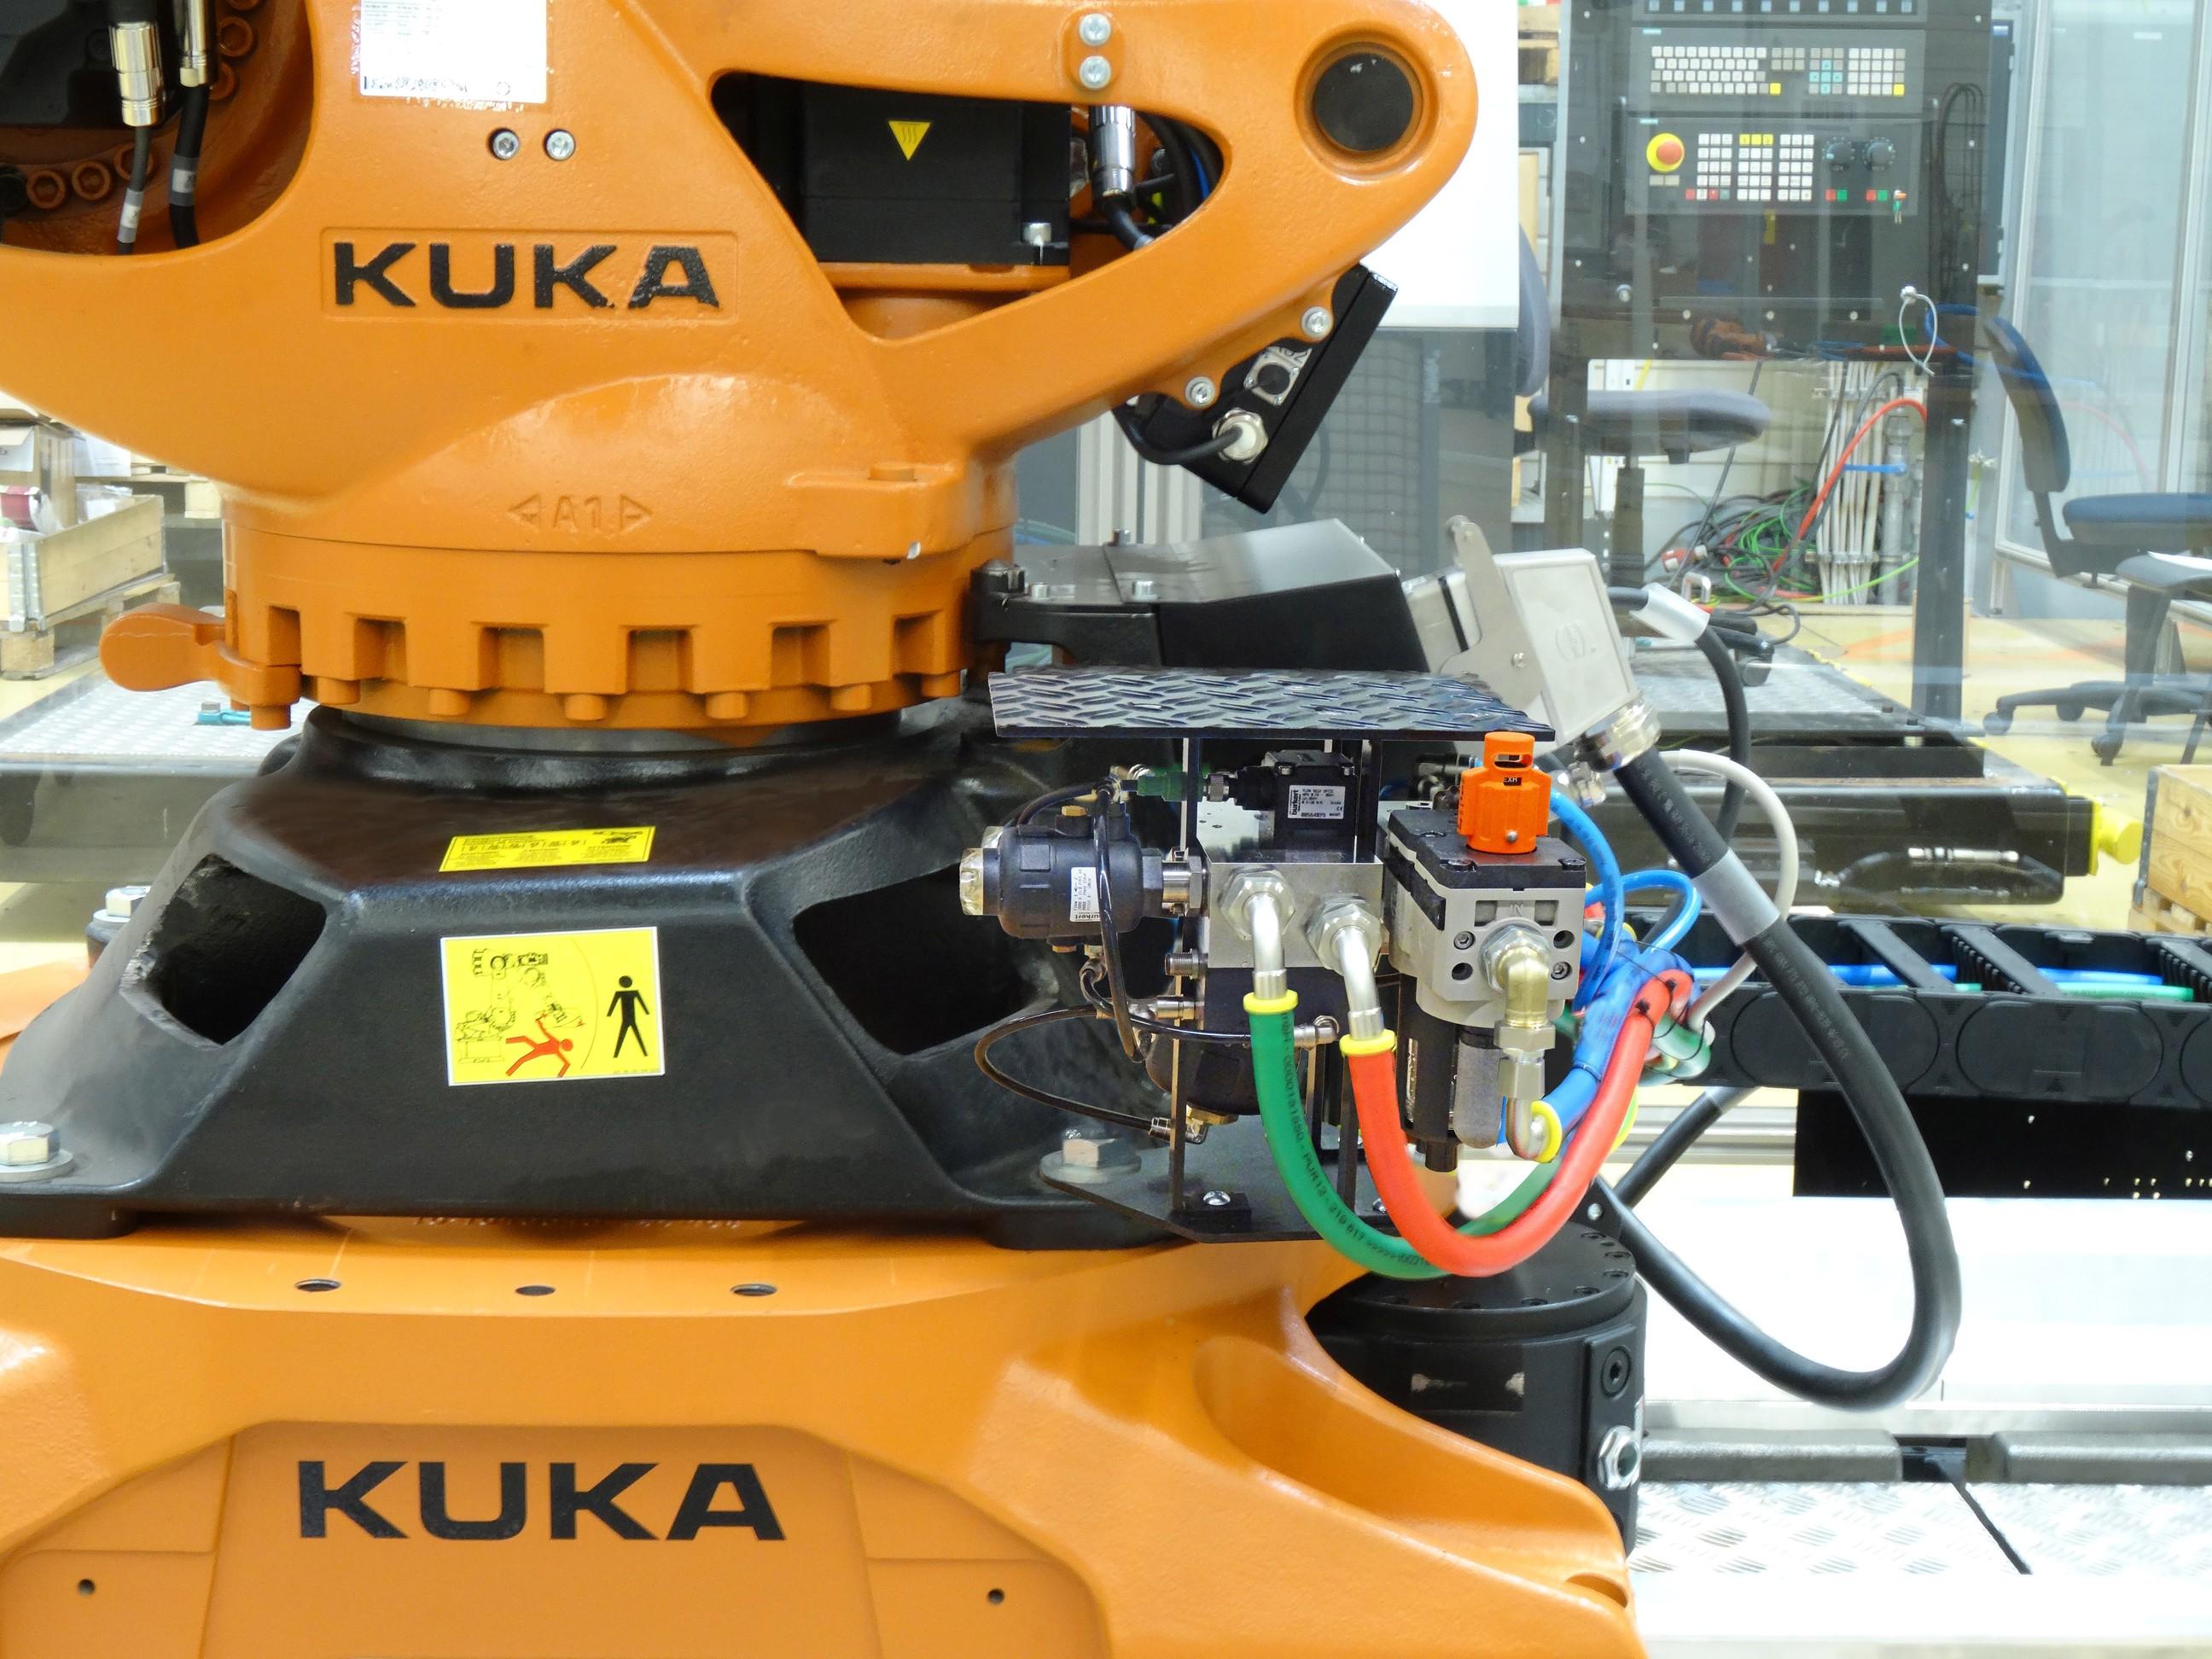 Die Montage ist prozessnah möglich, z.B. direkt auf der Roboterplattform neben der Versorgungseinheit. Bild: Bürkert